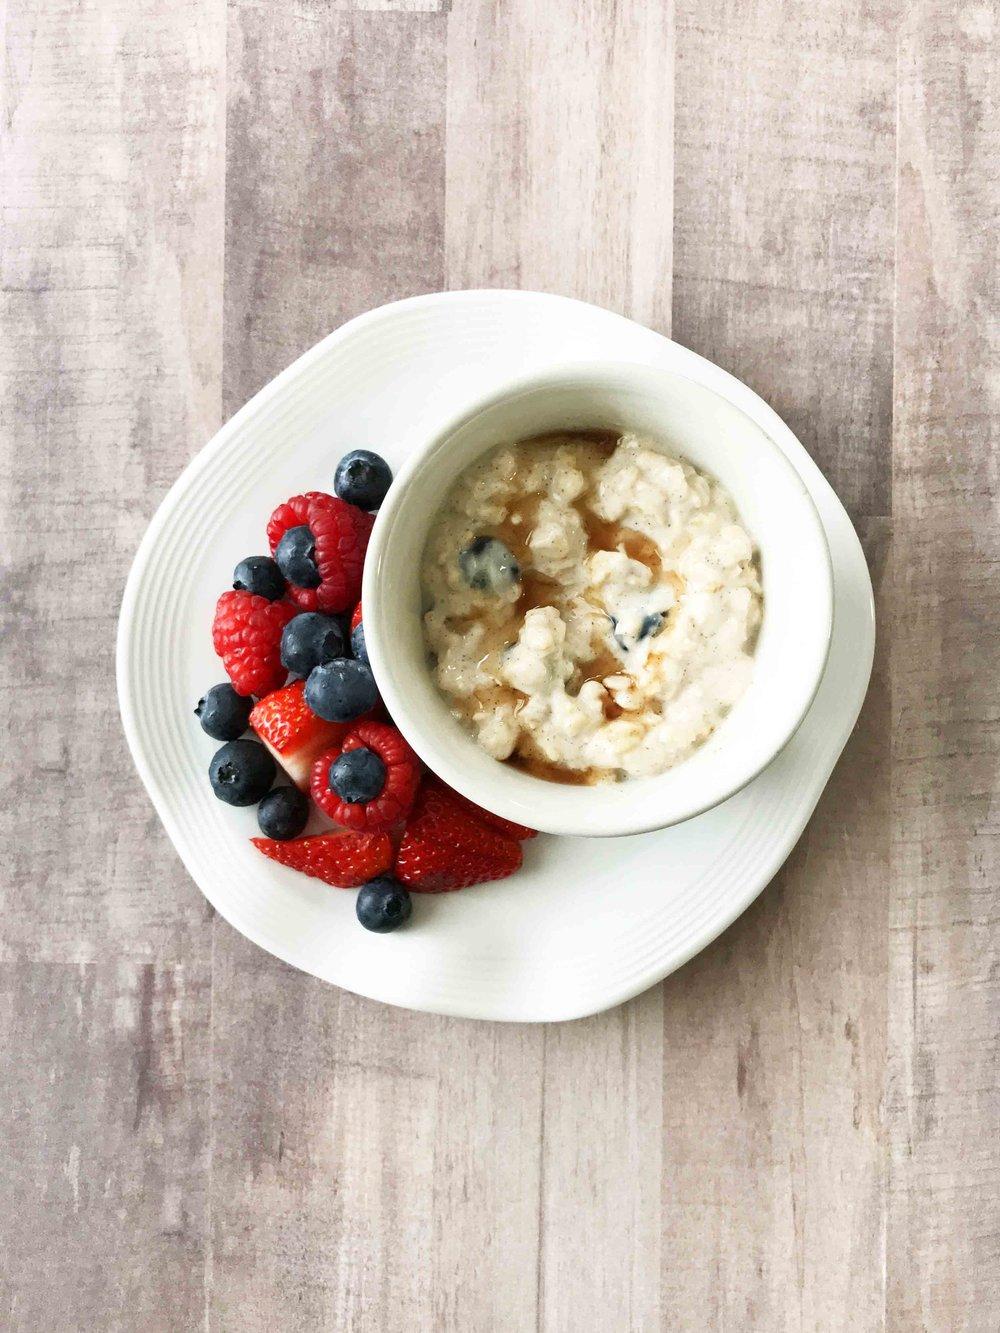 blueberry-muffin-overnight-oats5.jpg